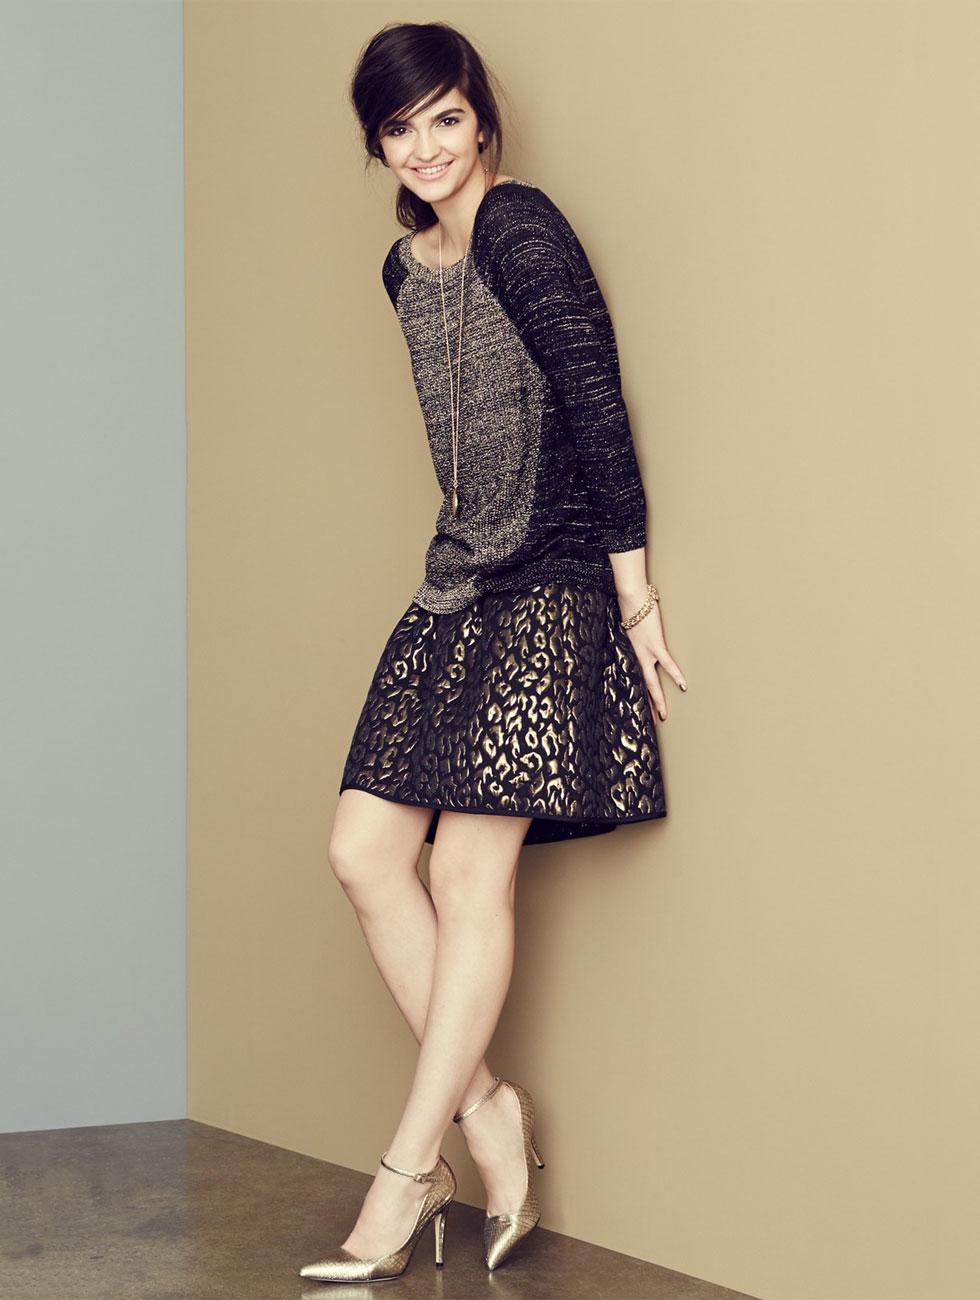 bumper-knitwear-feature-image@2x